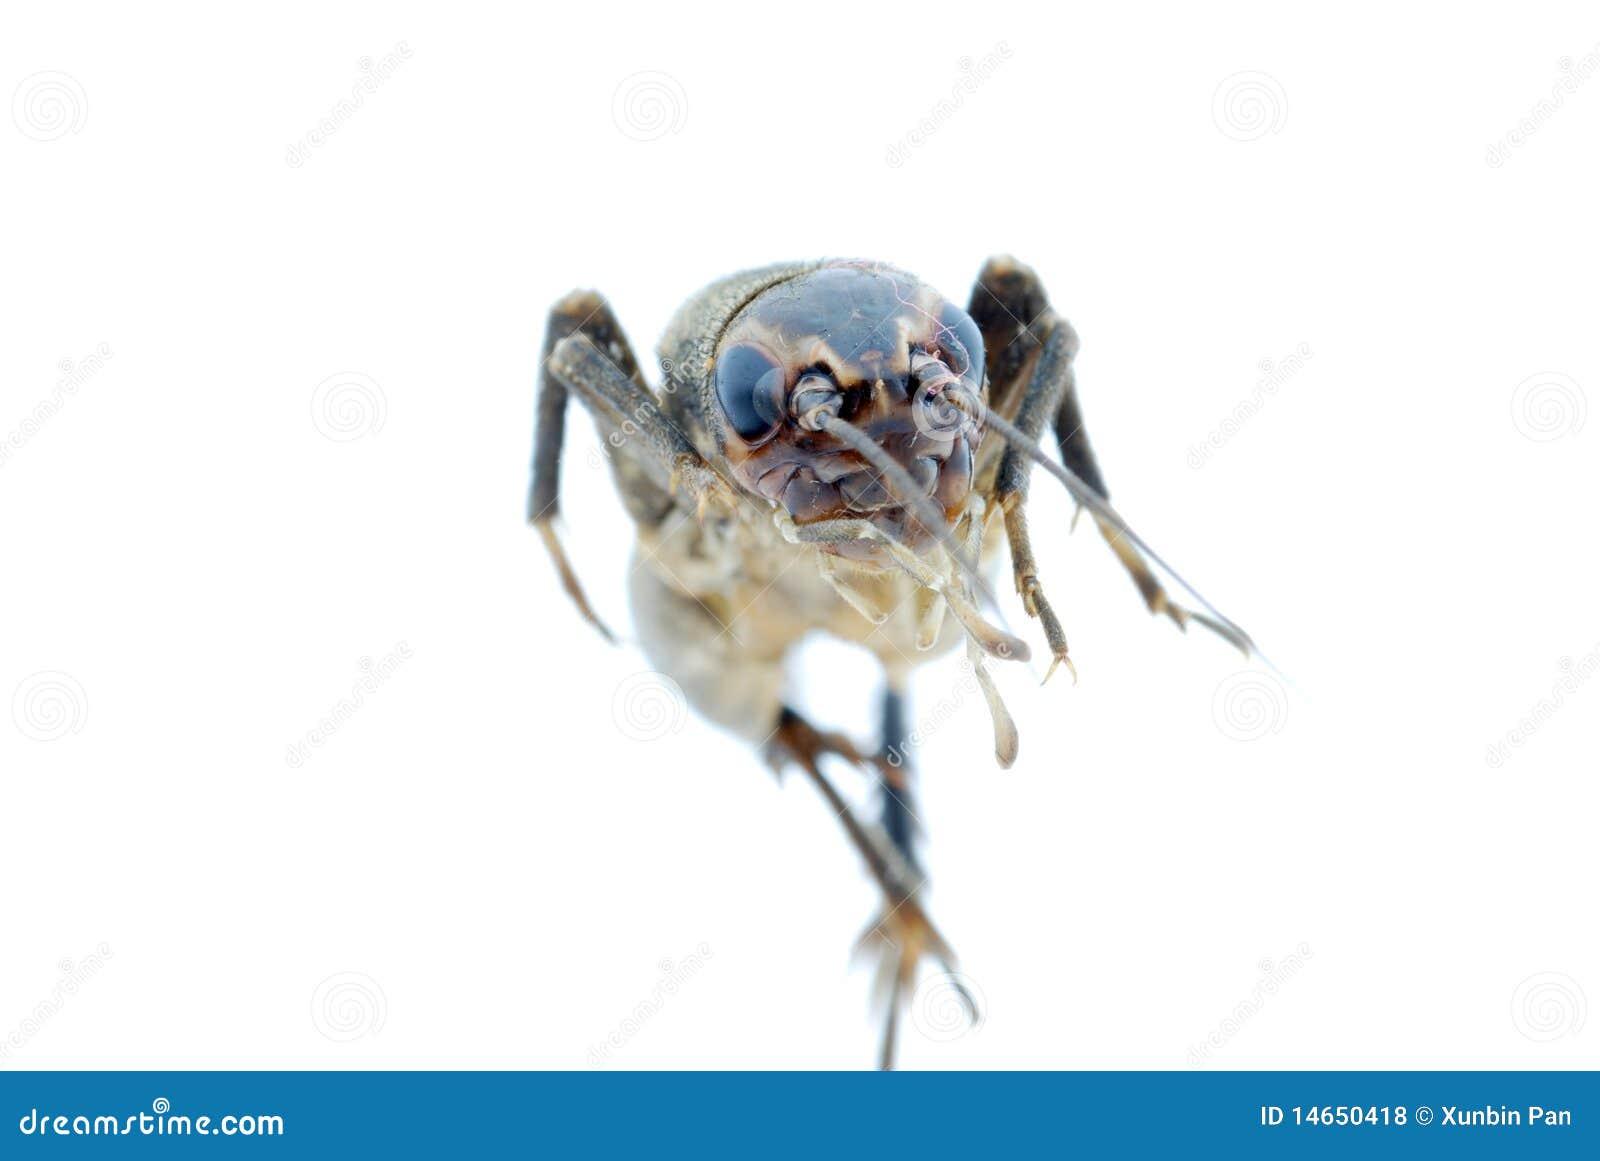 Insecte d anomalie de cricket